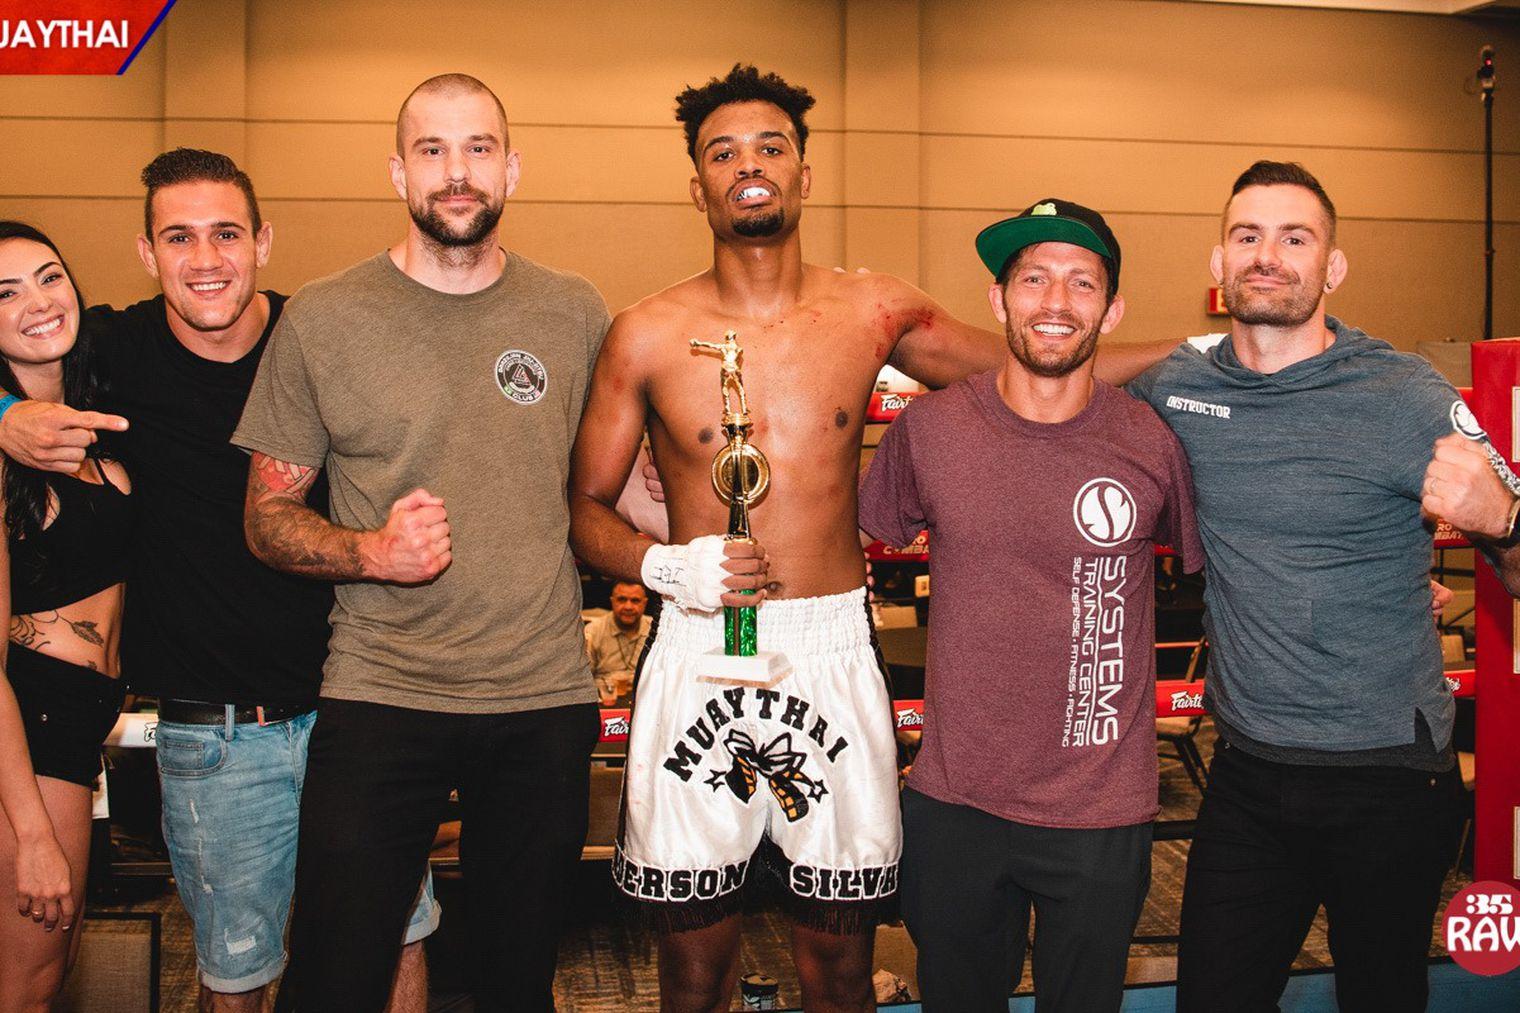 WATCH: Anderson Silva's Son wins Muay Thai debut via TKO -